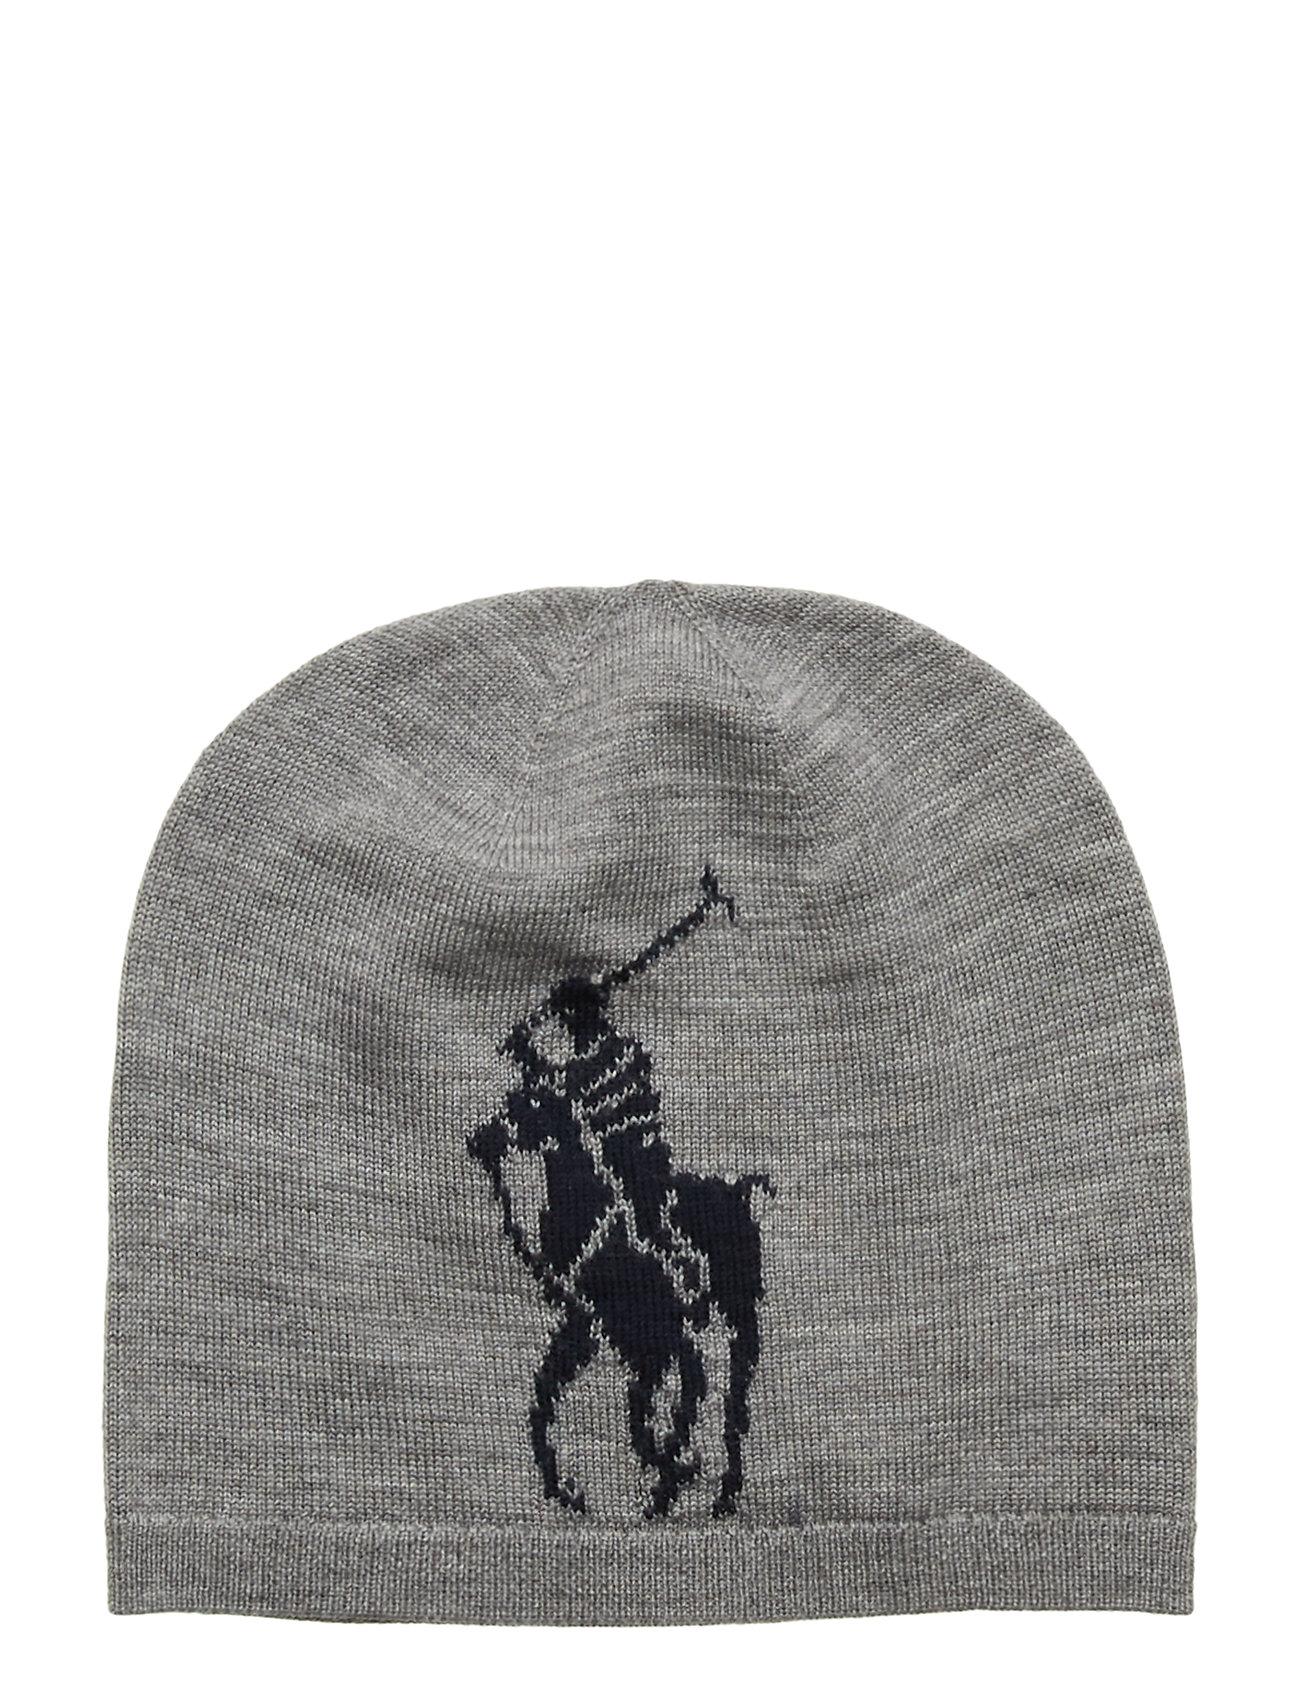 Ralph Lauren Kids Big Pony Wool Hat - DARK SPORT HEATHE